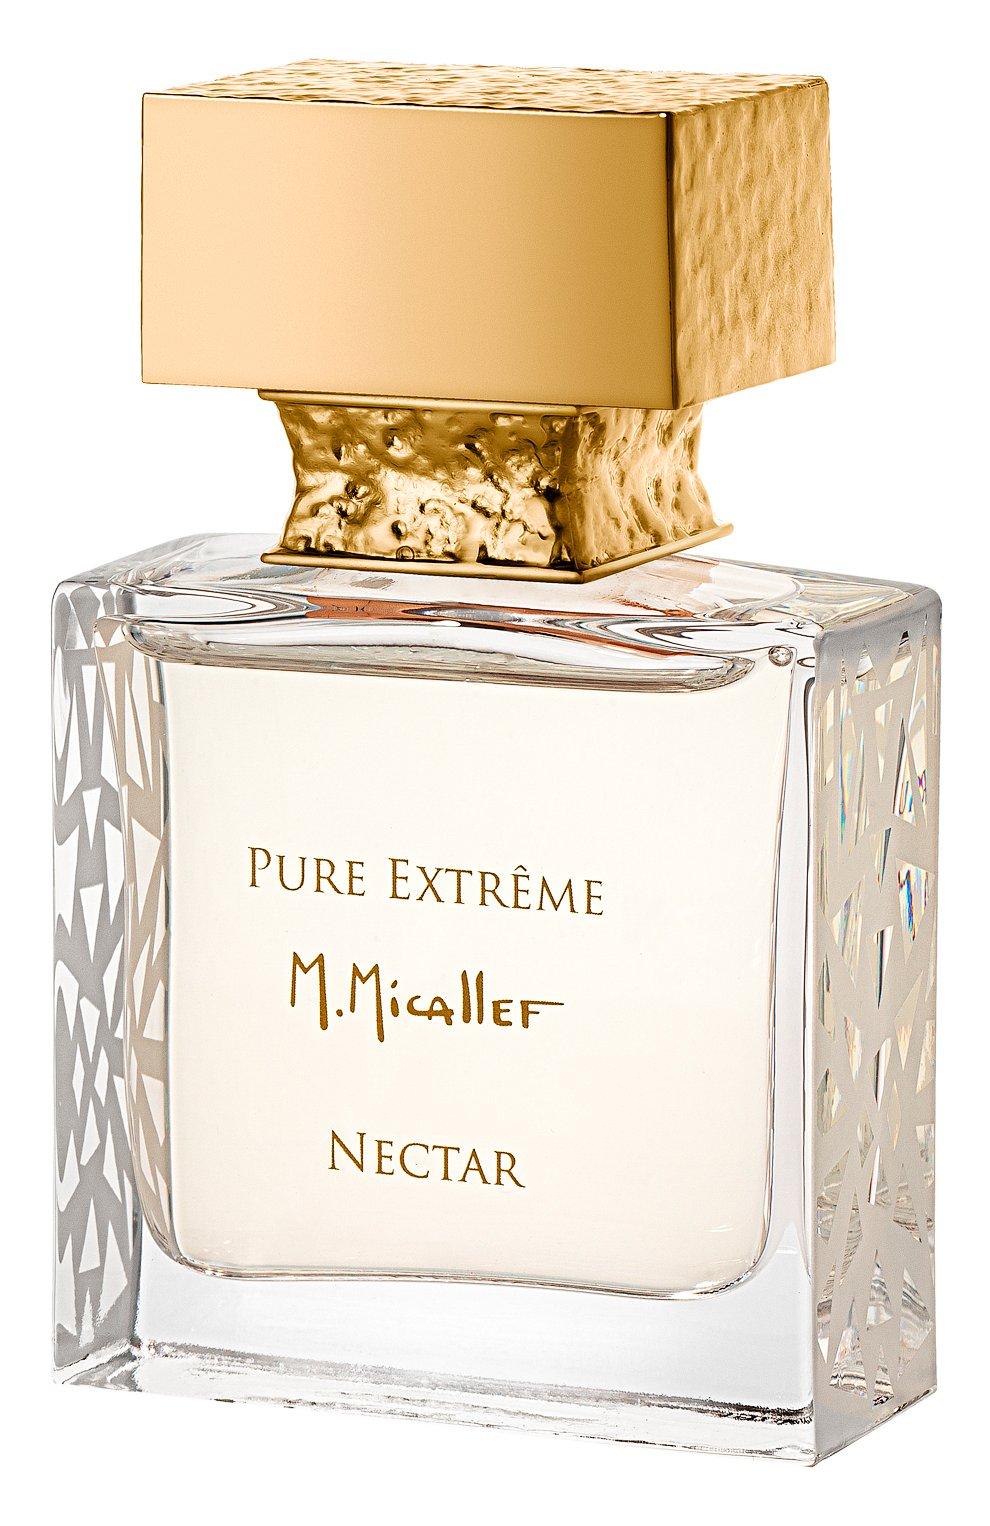 Духи pure extrême nectar (30ml) M. MICALLEF бесцветного цвета, арт. 3760231057705 | Фото 1 (Ограничения доставки: flammable)